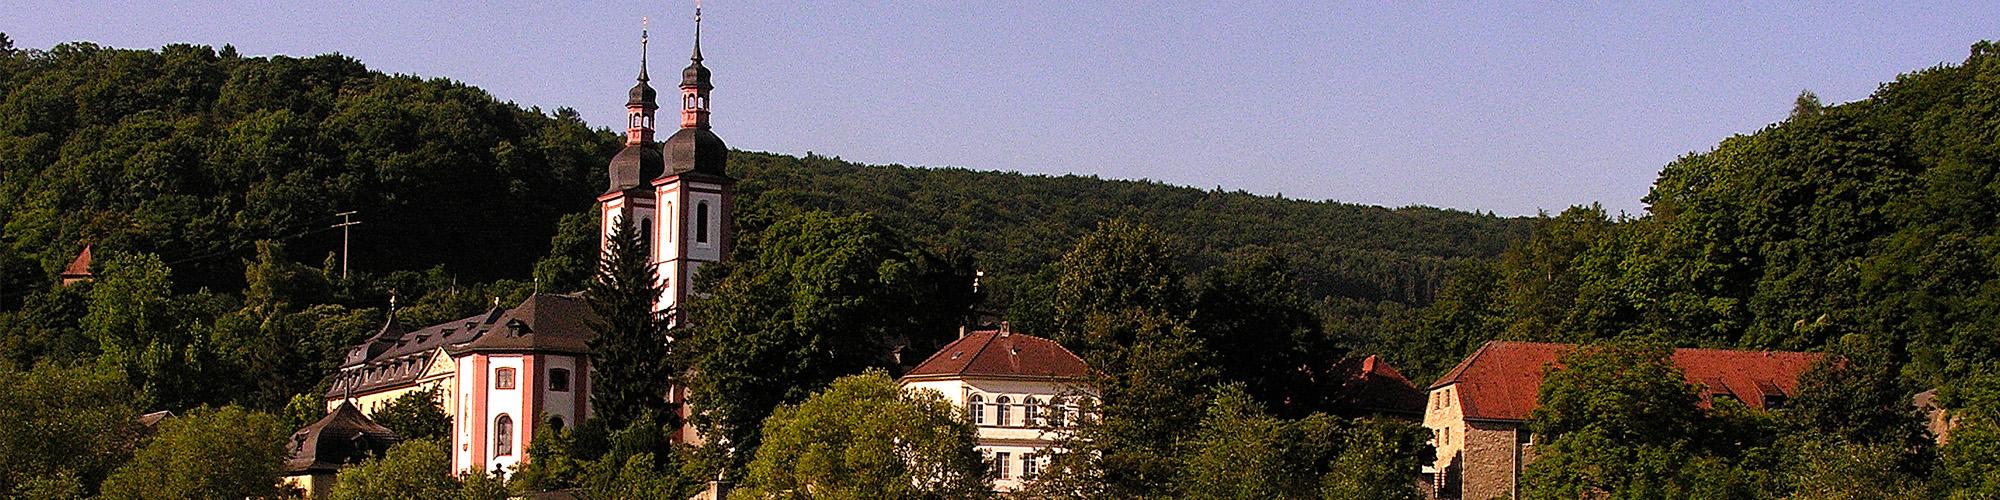 Kloster-Oberzell-Franziskannerinnen